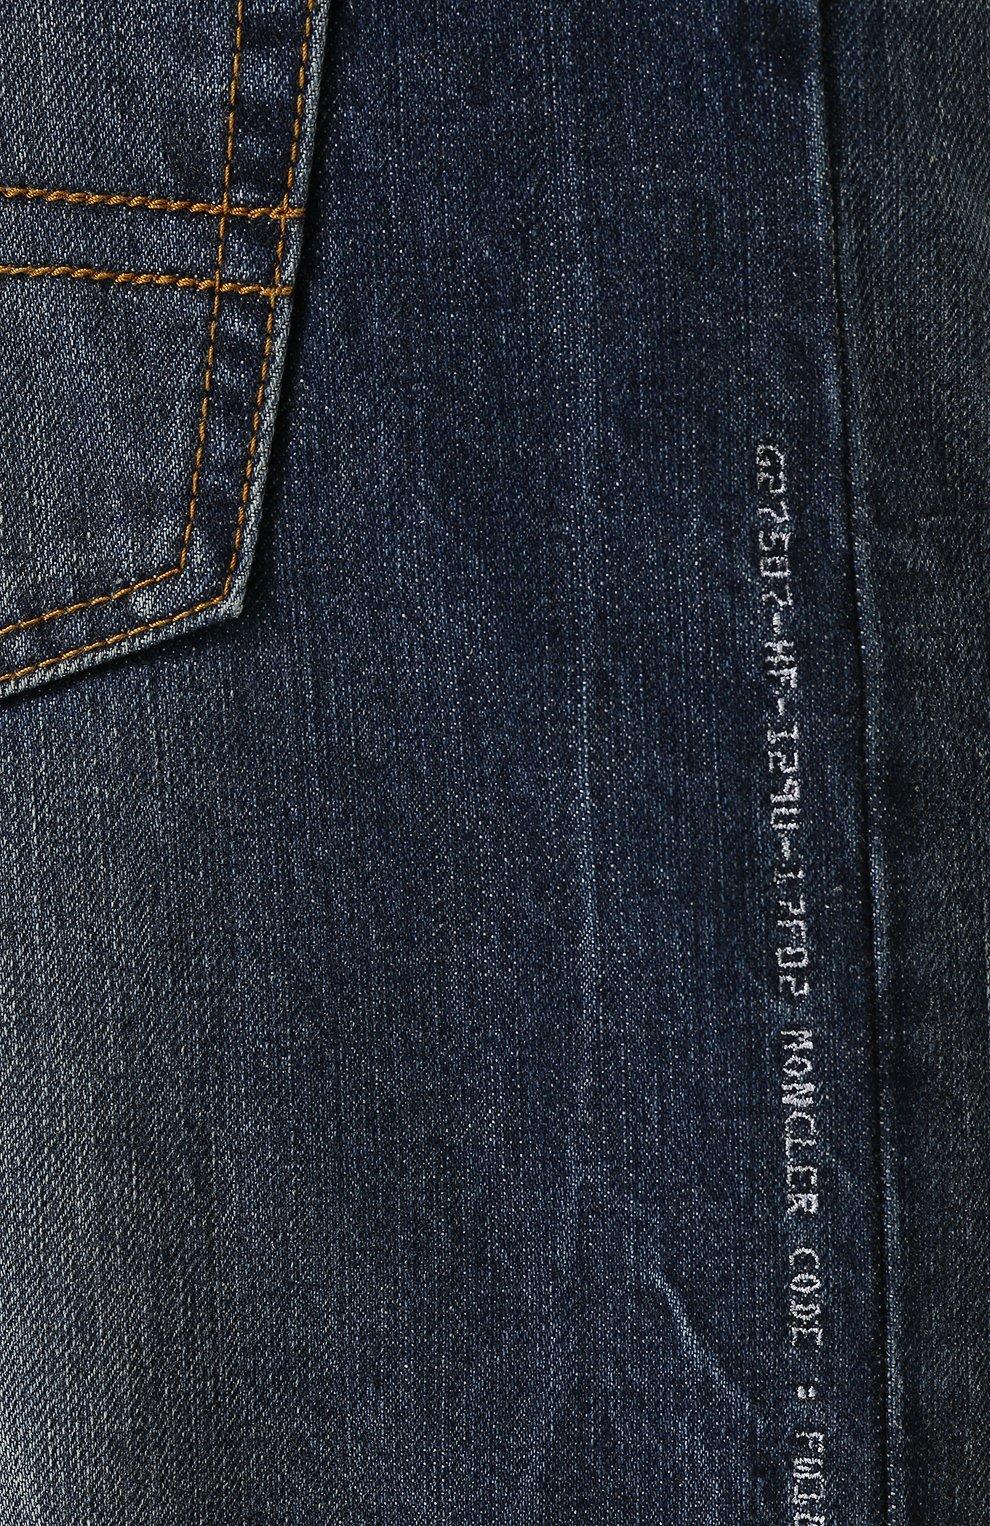 Джинсы Moncler Fragment Hiroshi Fujiwara Moncler Genius синие | Фото №5